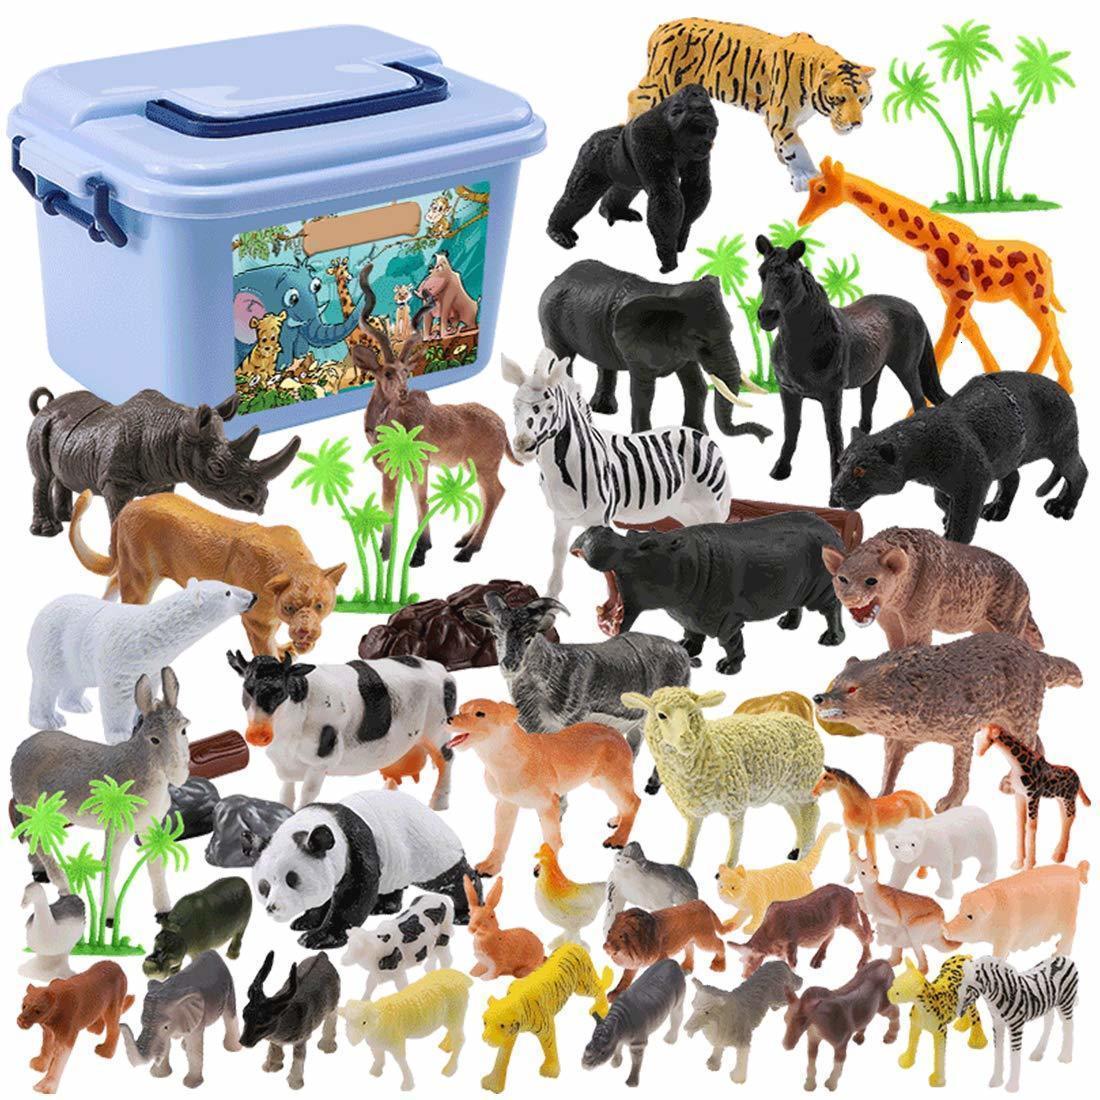 / Set Mini Orman Hayvanlar Oyuncaklar Set Hayvan Rakamlar, Dünya Hayvanat Bahçesi, Güçlü Kutu Ile Çocuklar için Orman Oyuncak LJ200922